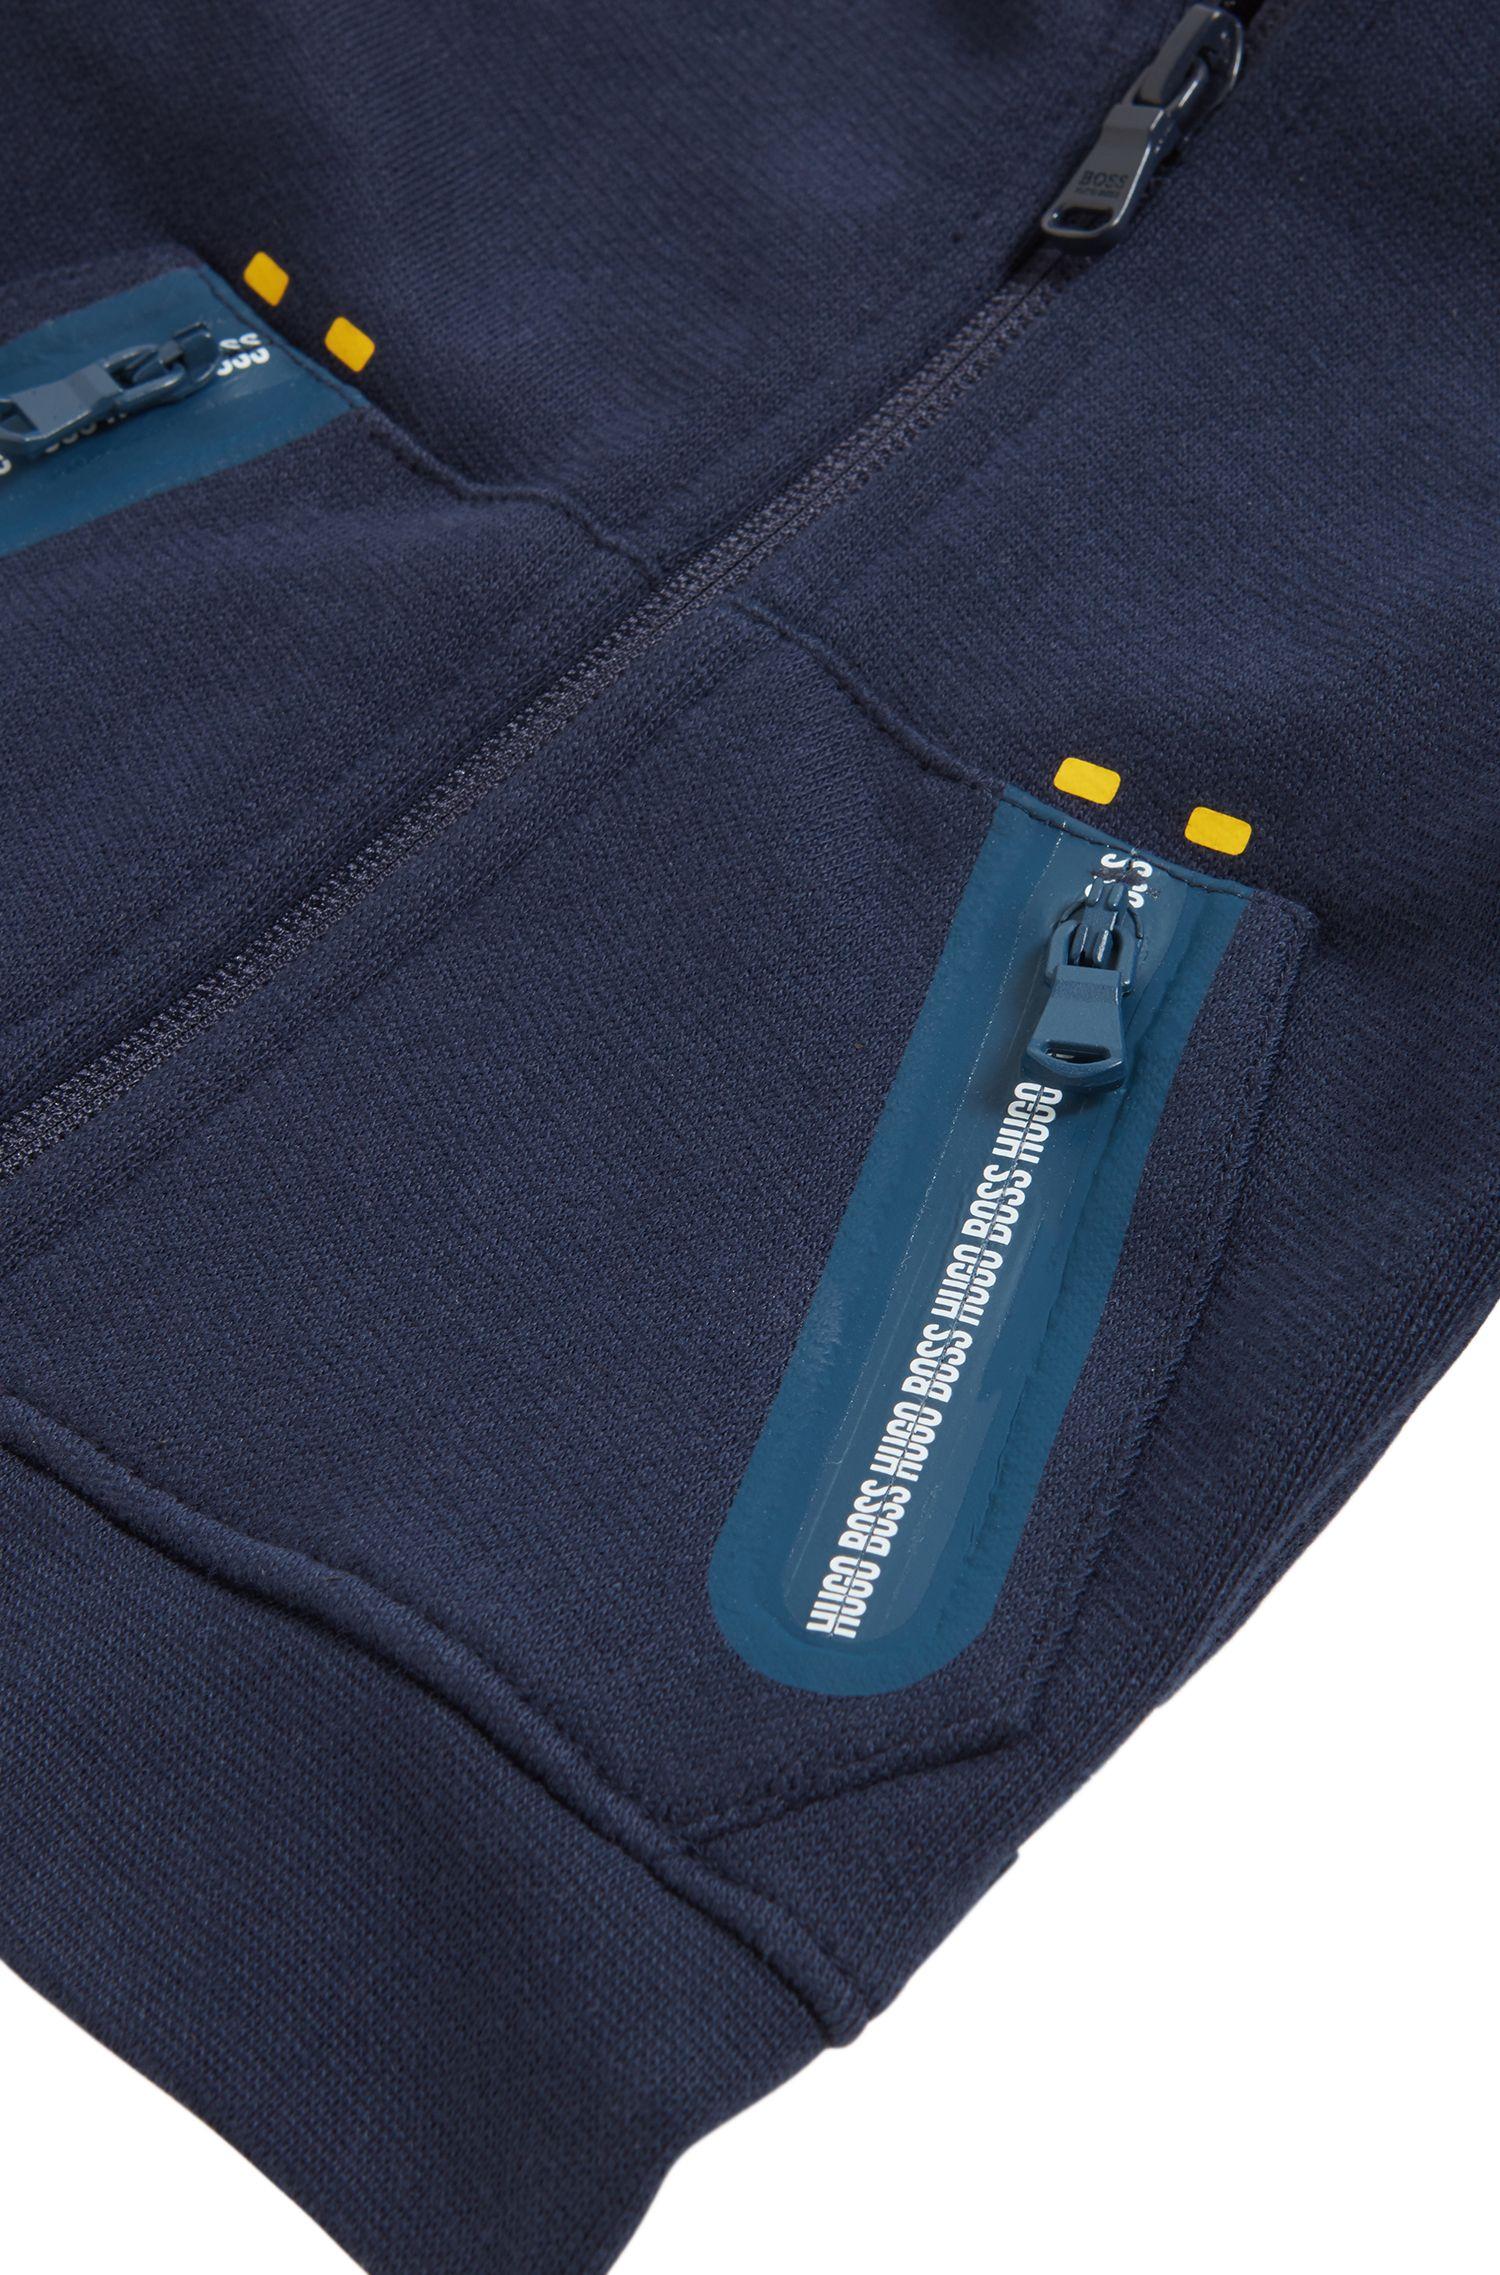 Veste à capuche pour enfant en molleton de coton avec logo transparent, Bleu foncé